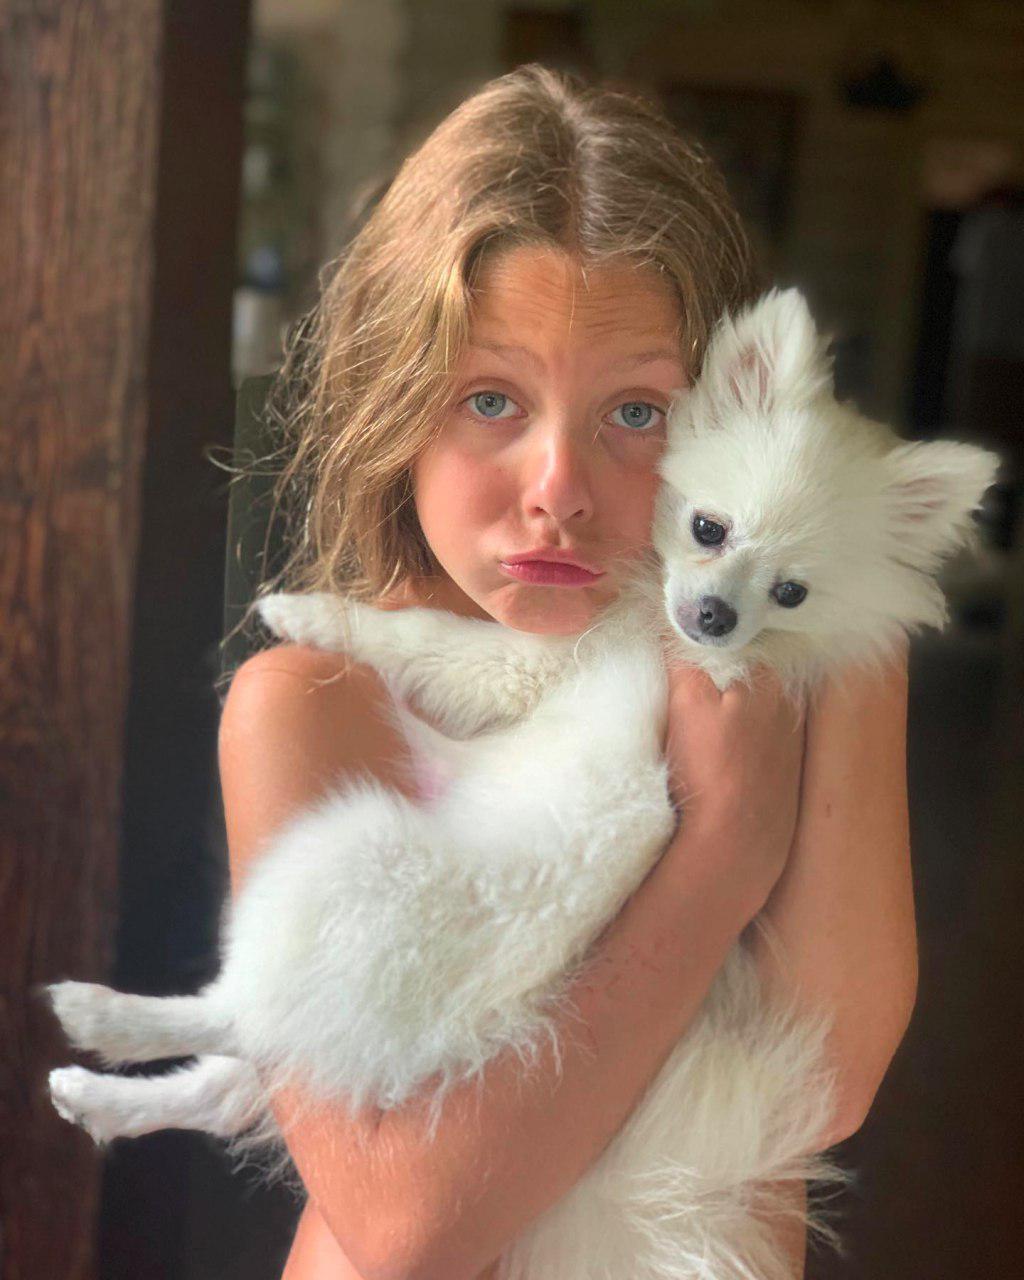 Везде гадит: Оля Полякова пожаловалась на подарок младшей дочери, лучше бы захотела последний iPhone